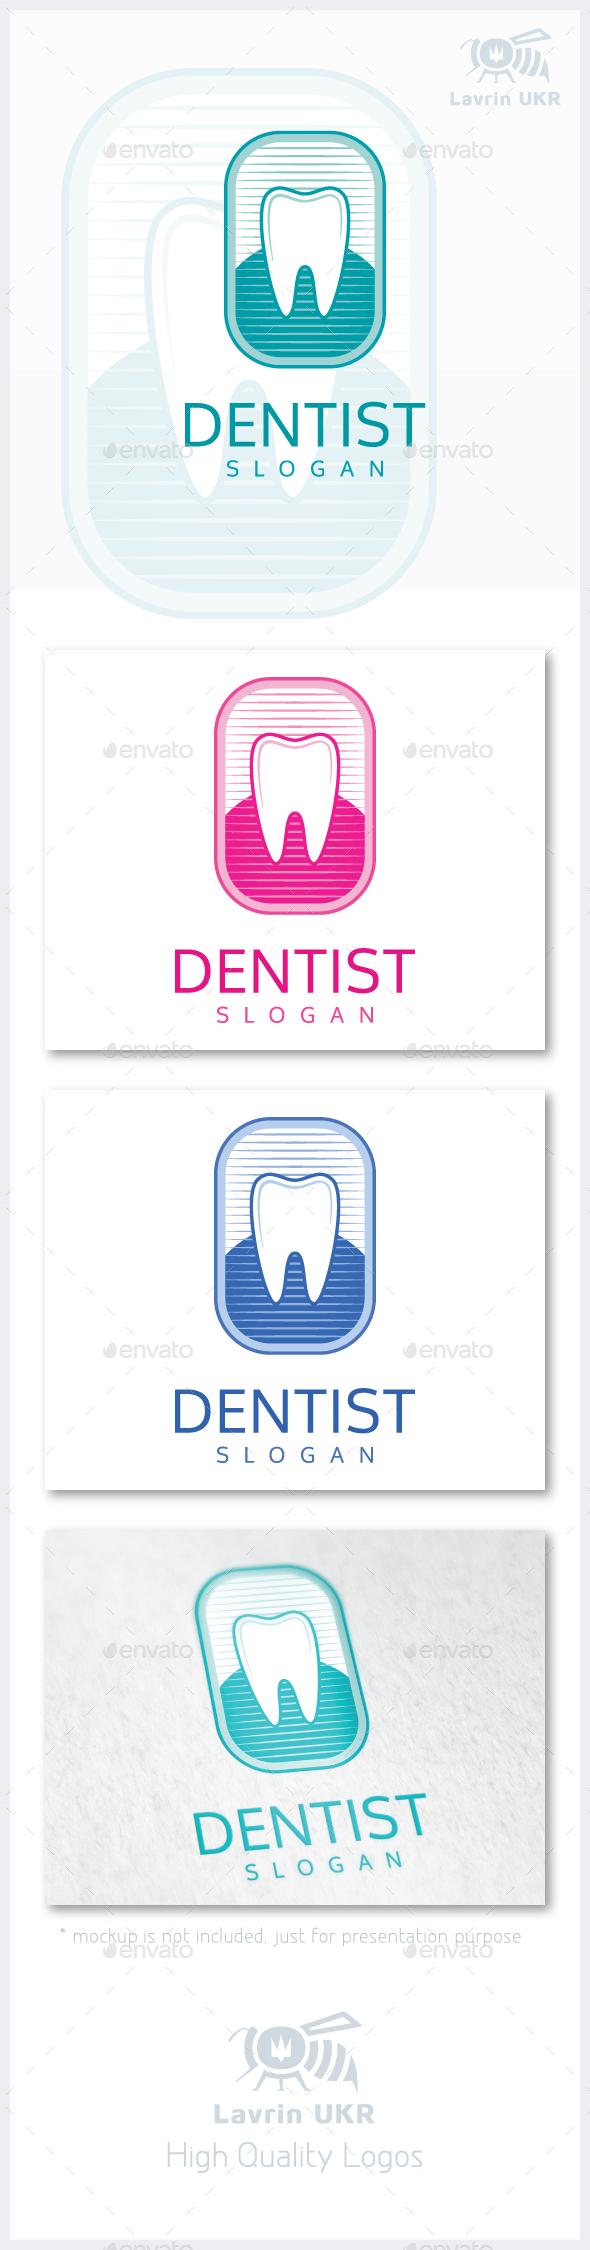 Dentist - Company Logo Templates